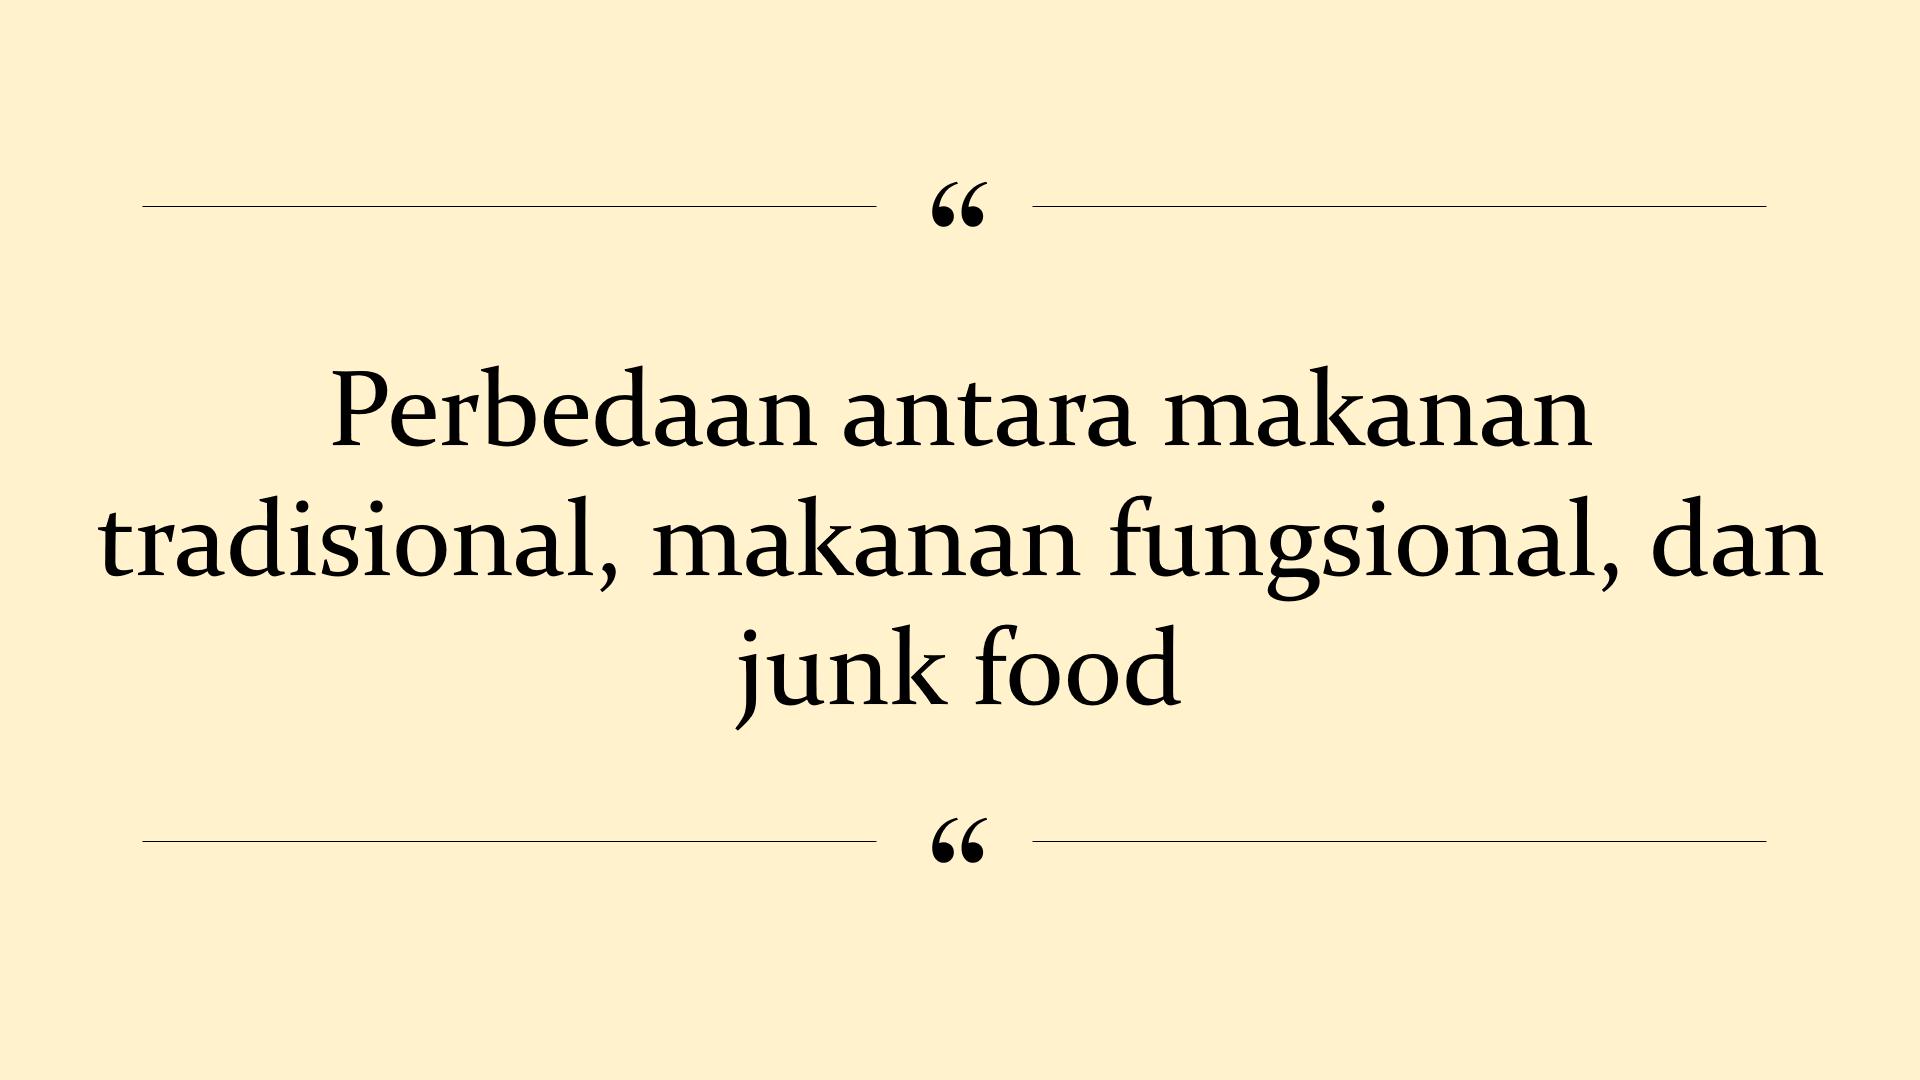 pengertian makanan tradisional, makanan fungsional, junk food